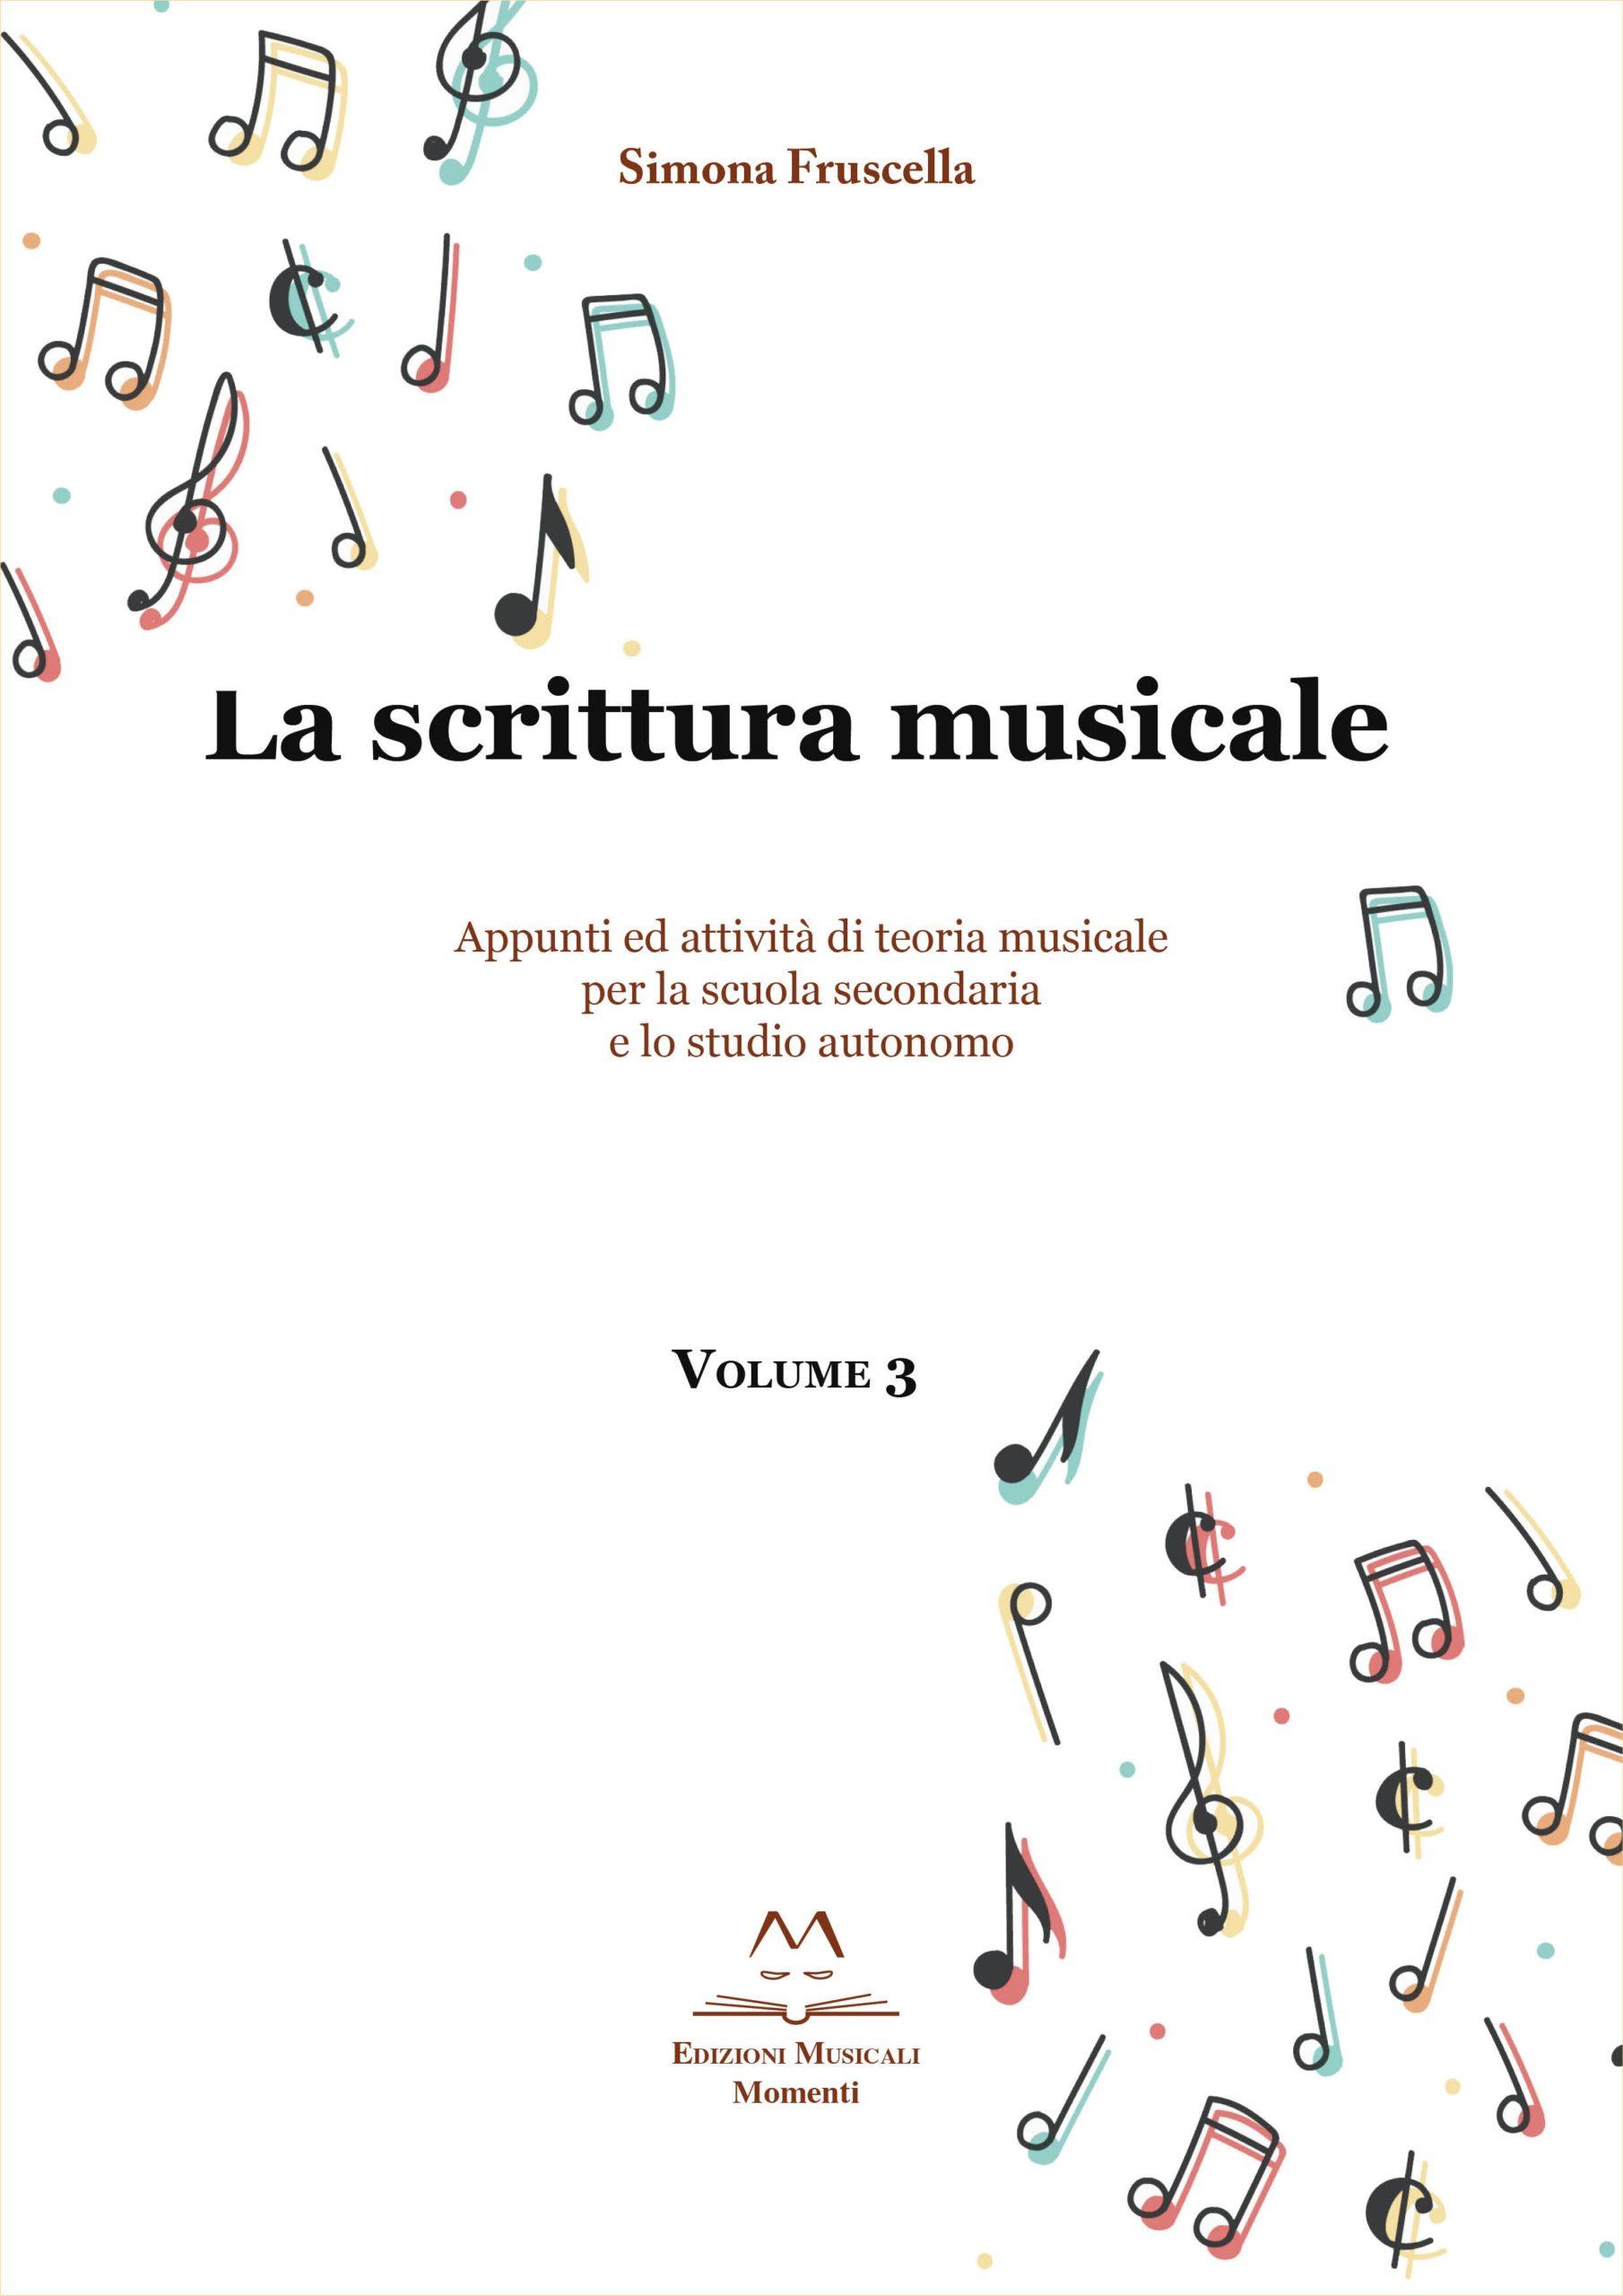 La scrittura musicale Vol.3 di Simona Fruscella